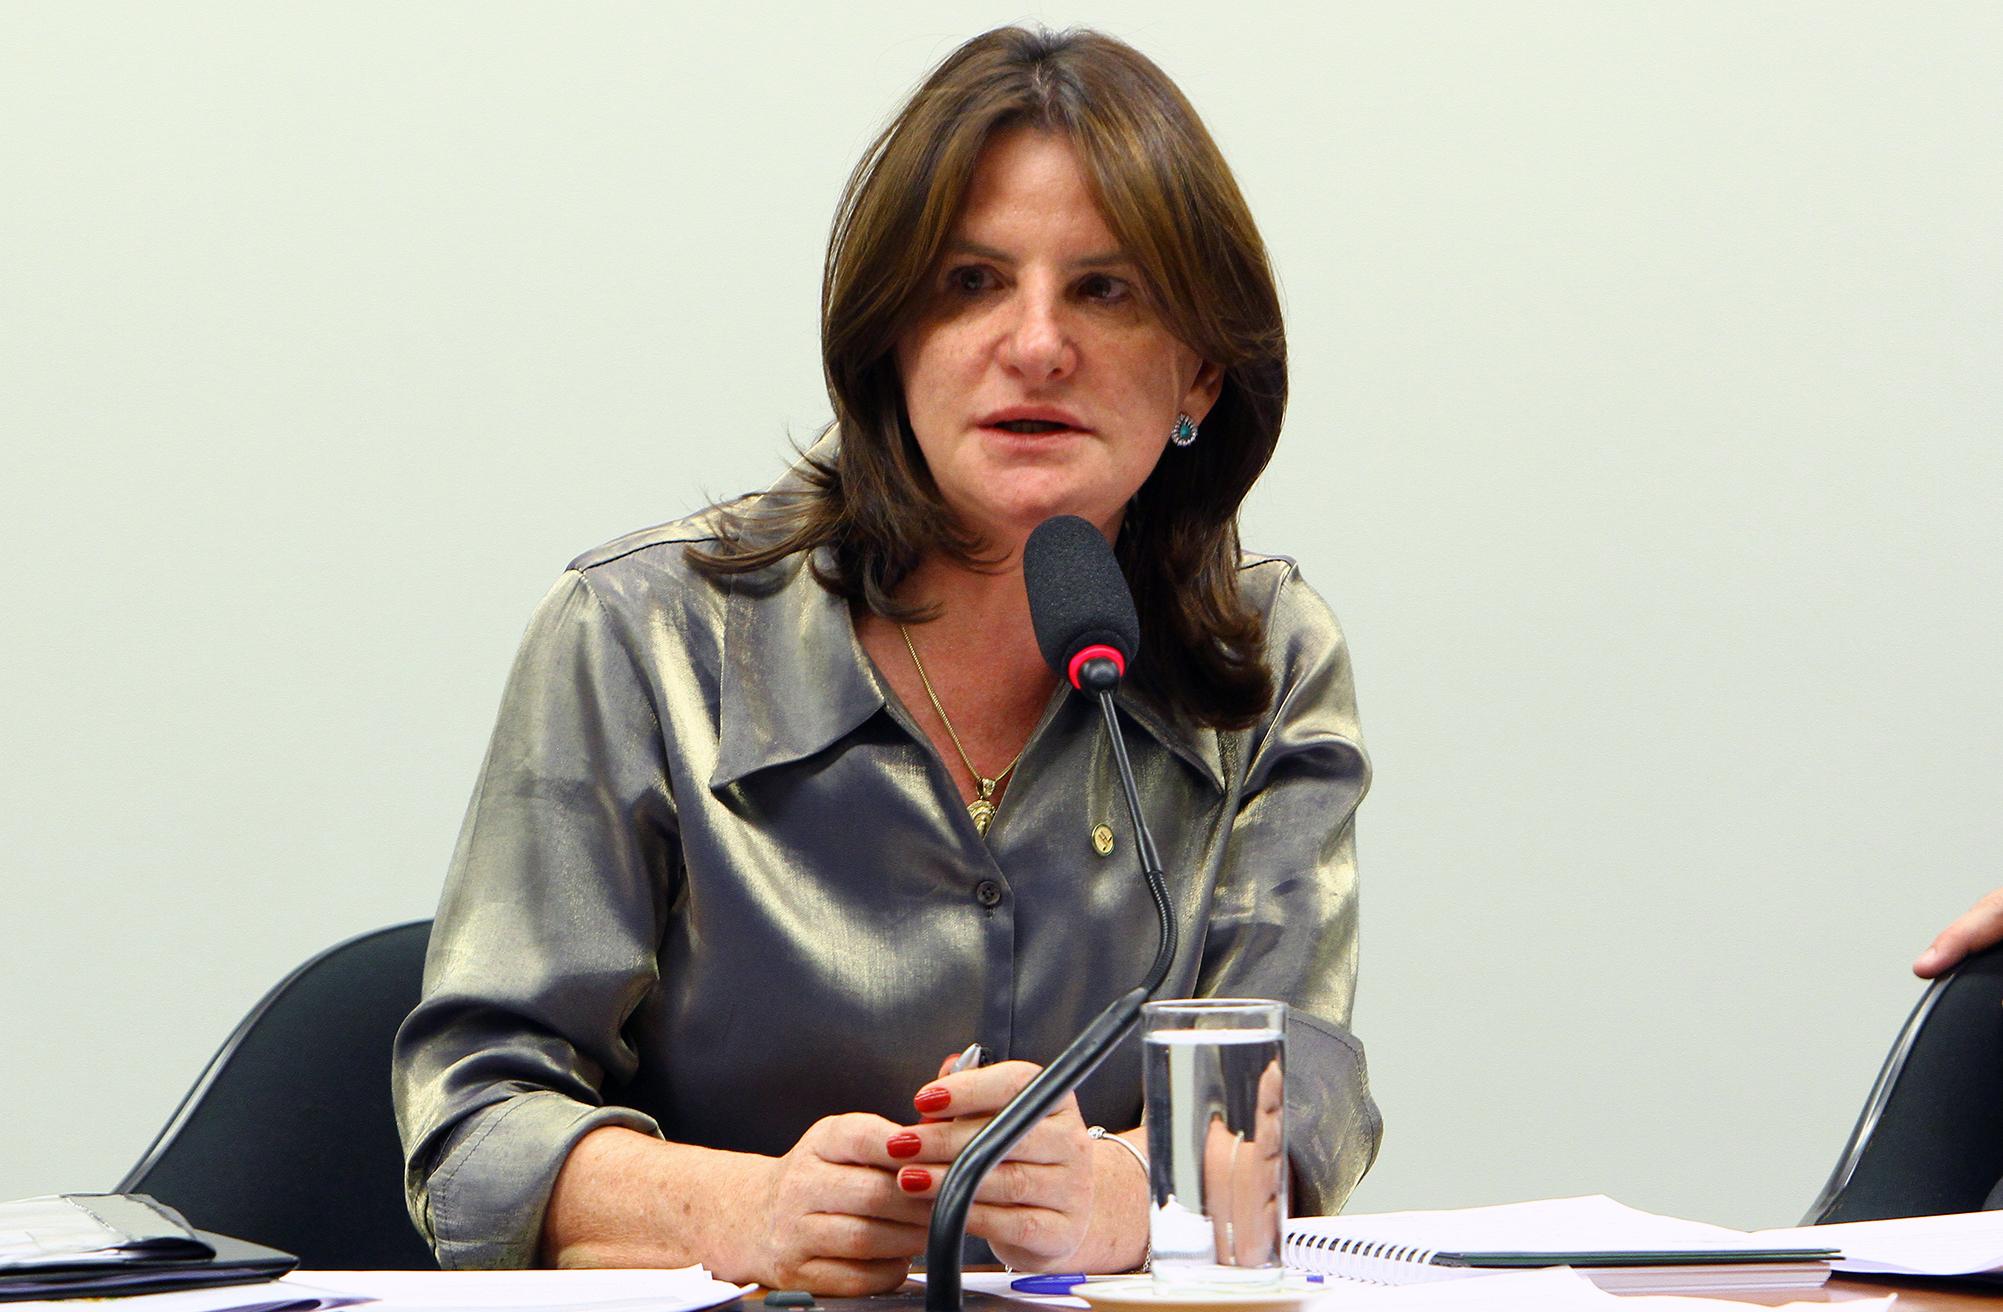 Reunião Ordinária. Dep. Carmen Zanotto (PPS - SC)